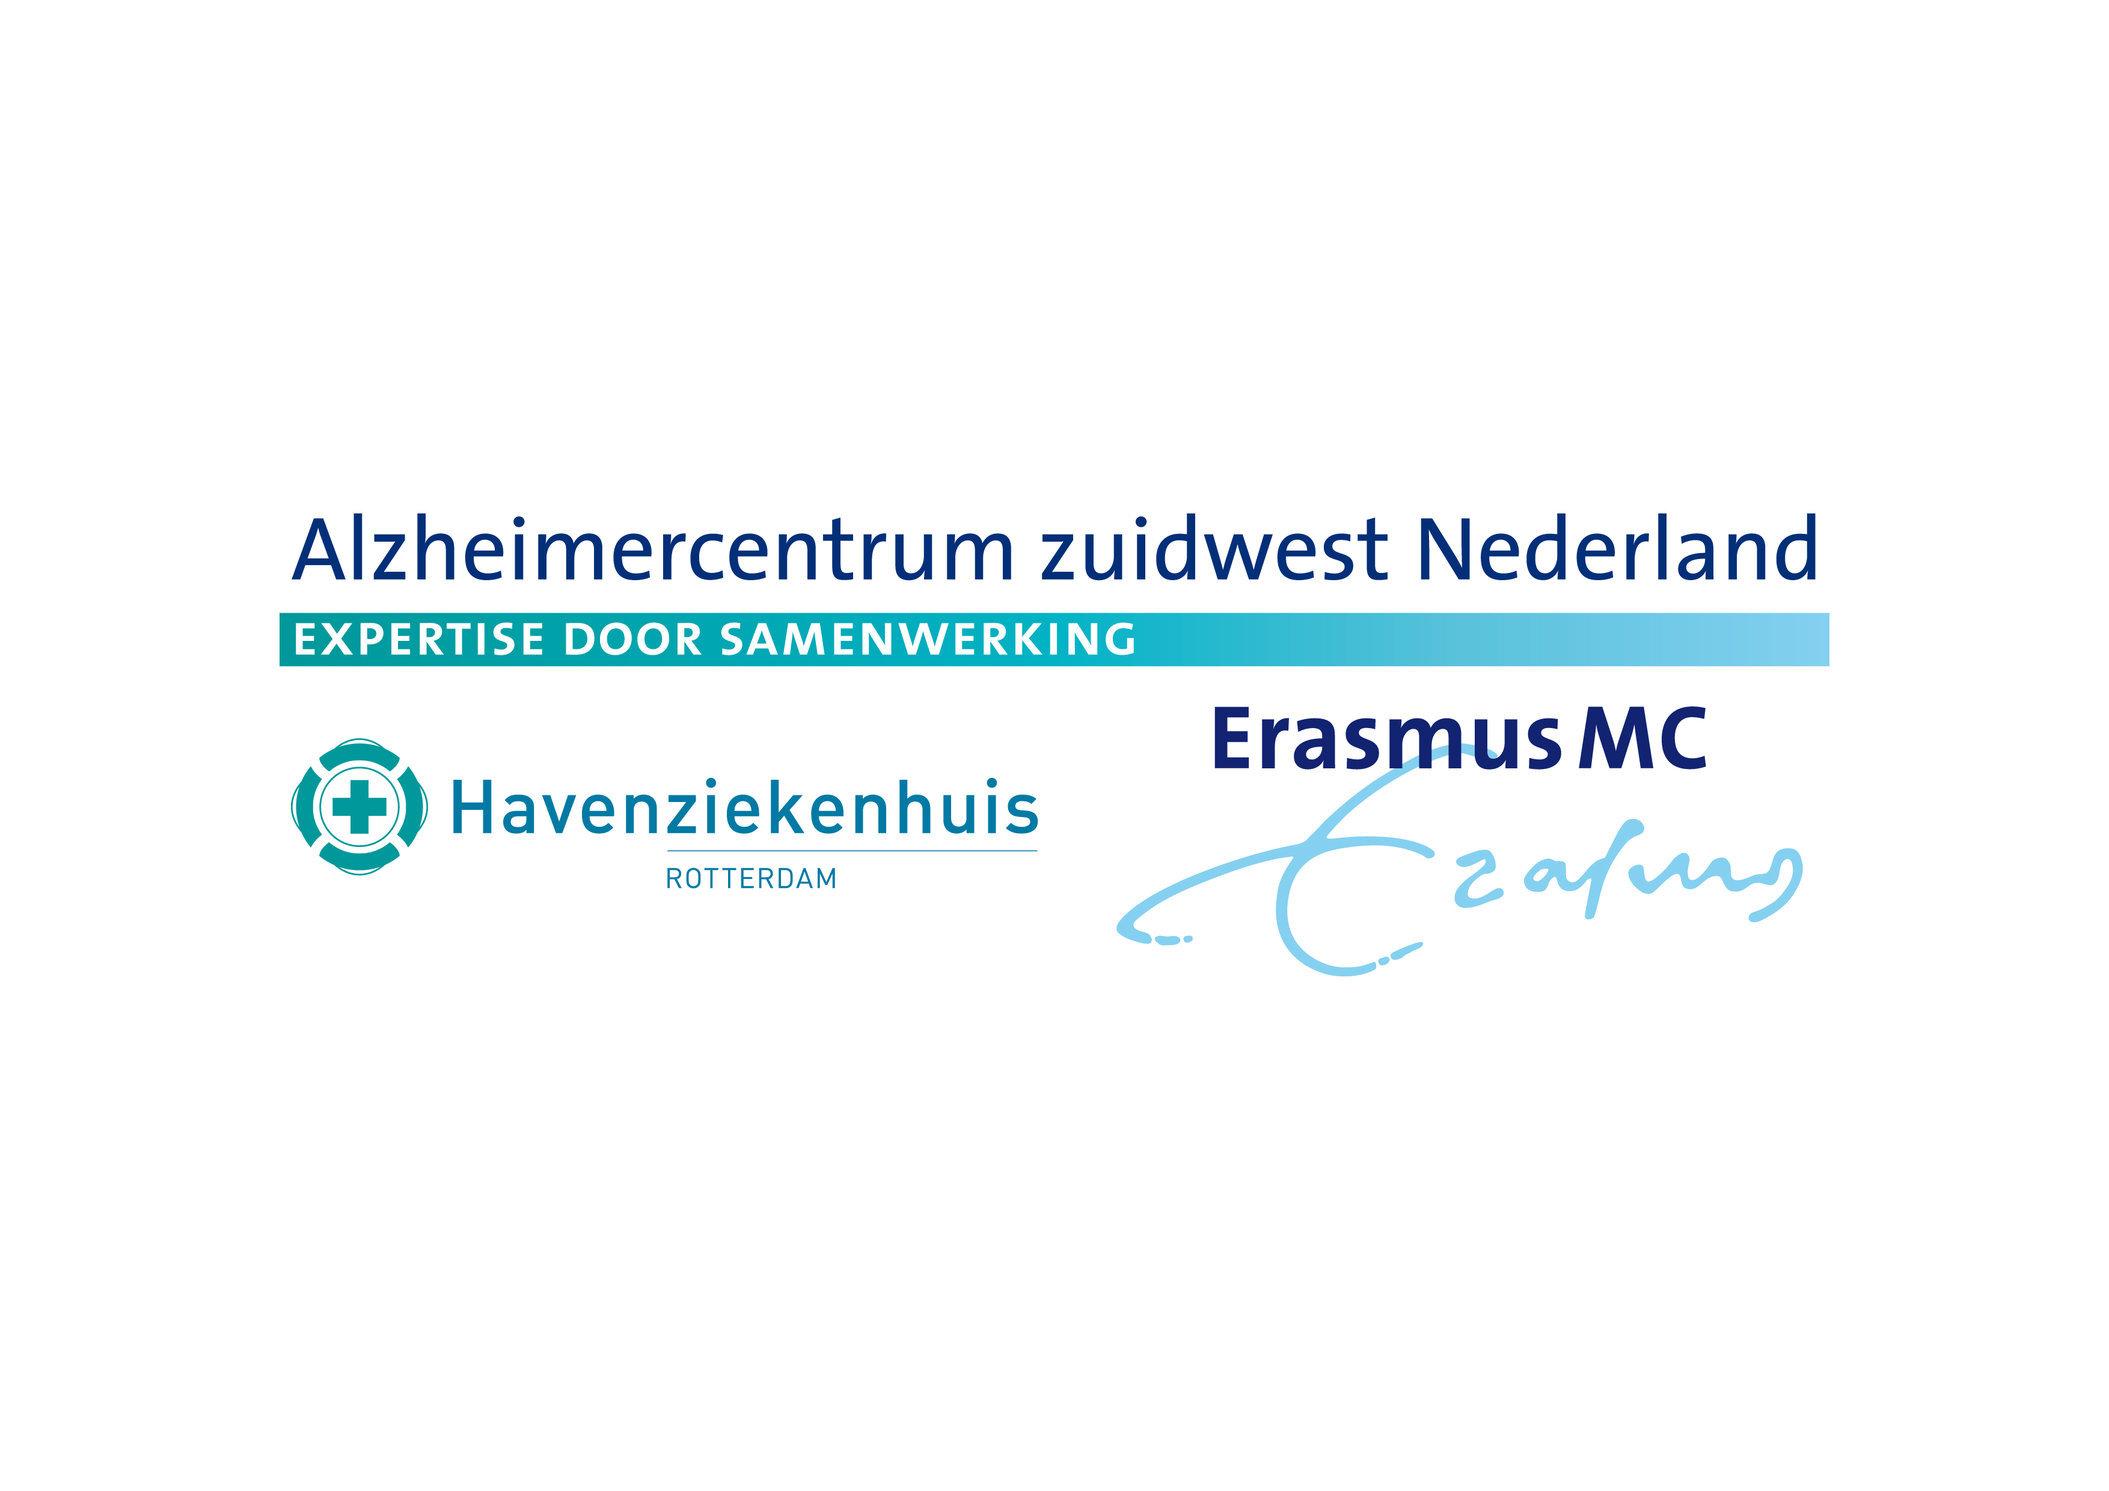 Alzheimercentrum zuidwest Nederland